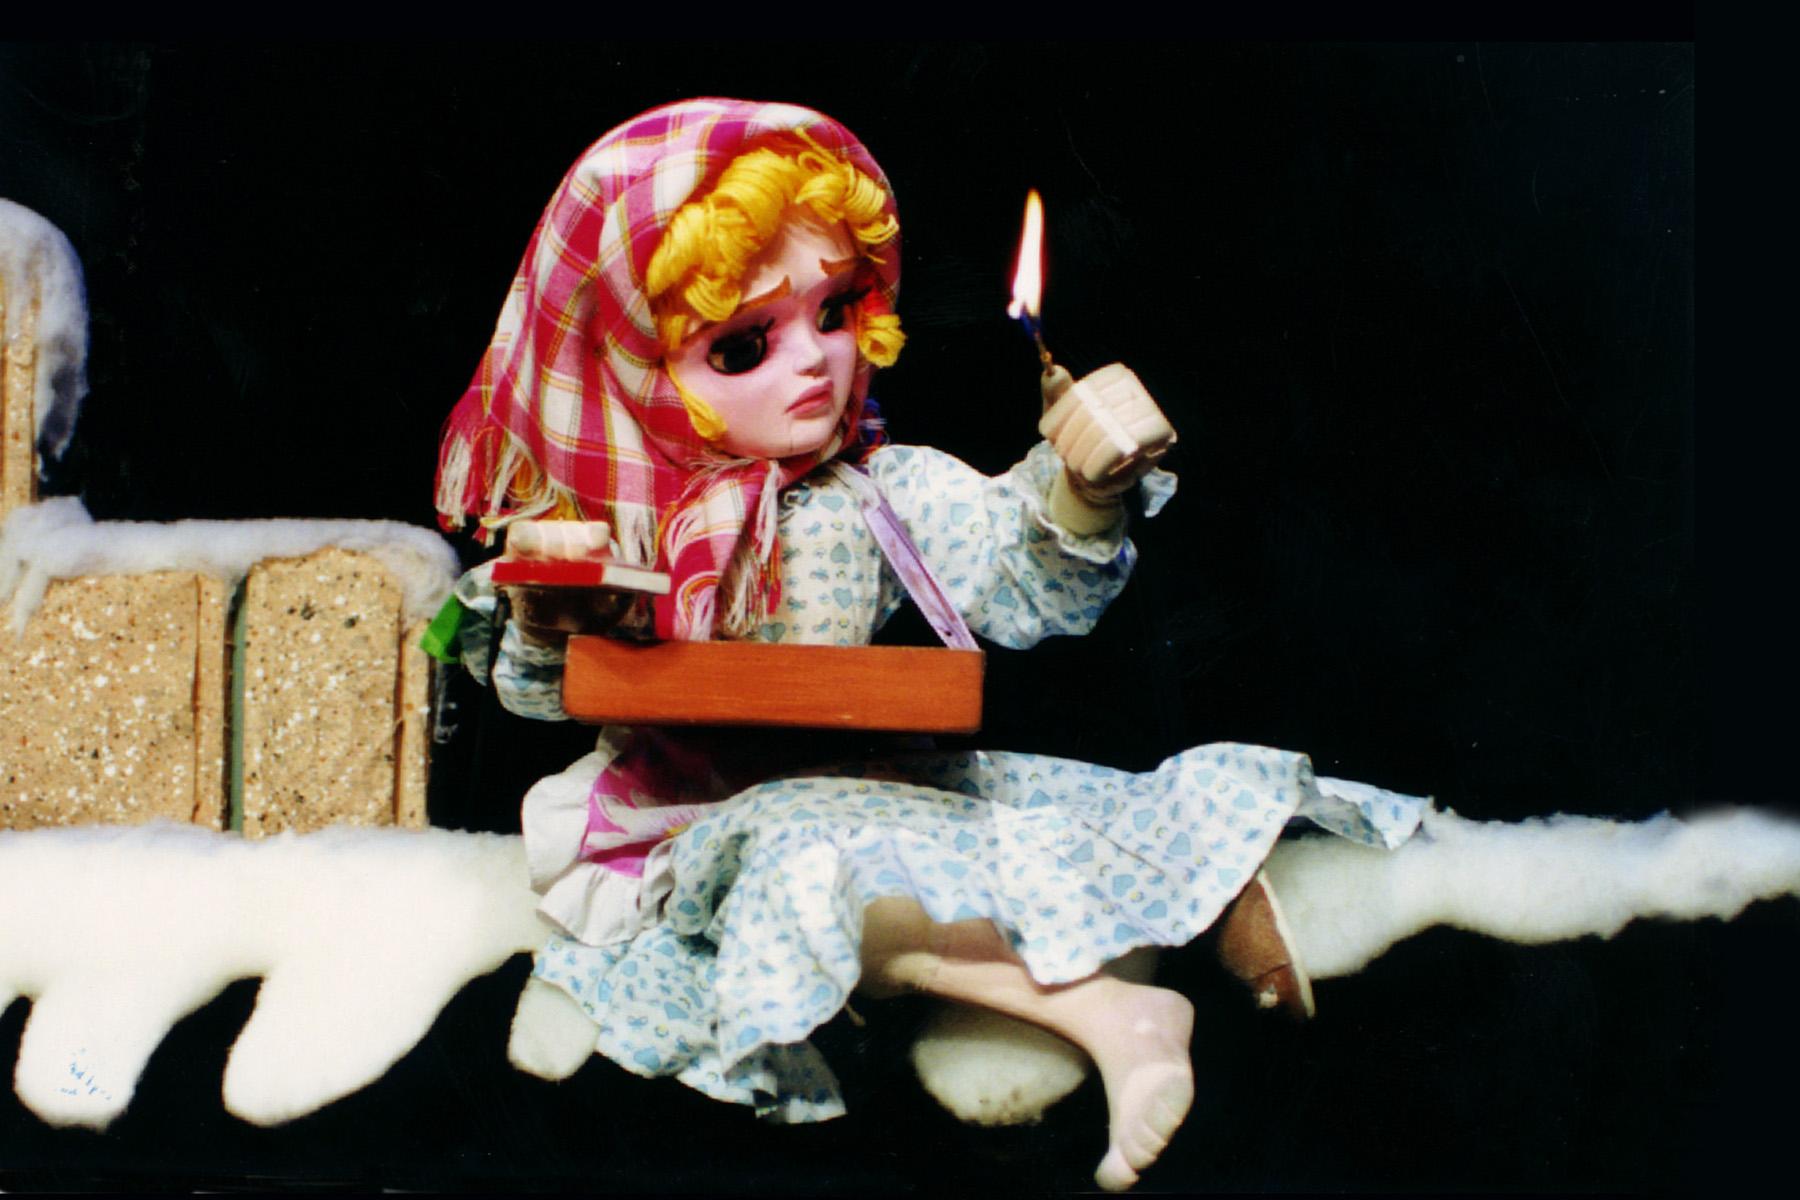 <em>La petite fille aux allumettes</em> (卖火柴的小女孩, 2002) par Shanghai Muoutuan (District de Huangpu, Shanghai, République populaire de Chine), mise en scène : He Xiaoxing, Zhao Genlou, scénographieet fabrication : Xu Jin, marionnettistes : He Xiaoqiong, Lu Ping, Qian Yujian. Marionnettes à tiges, hauteur : 70-100 cm. Photo: Hu Zhiqiang